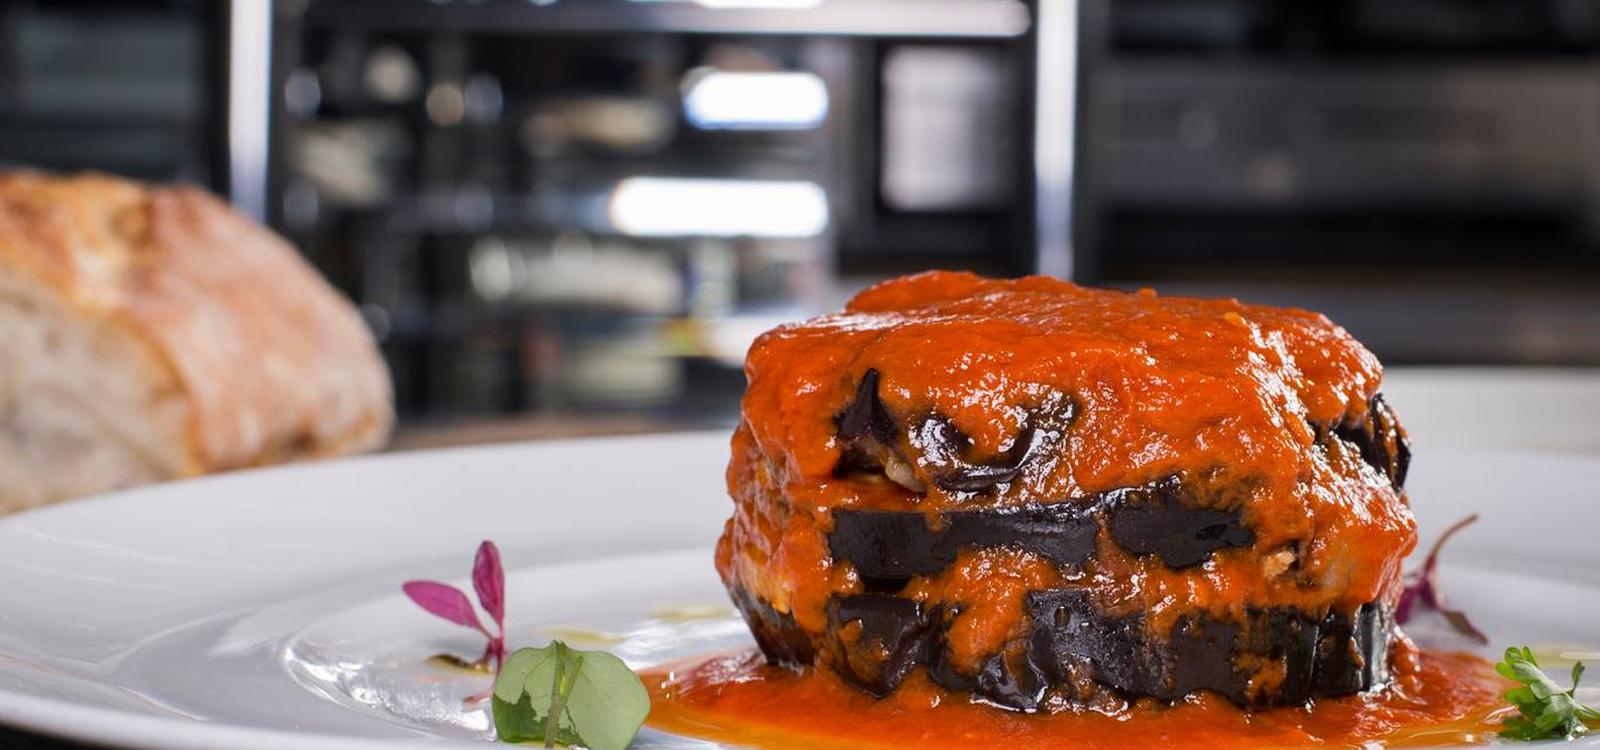 Quattro Gastronomia Italiana: Lincoln Road's Italian Gem